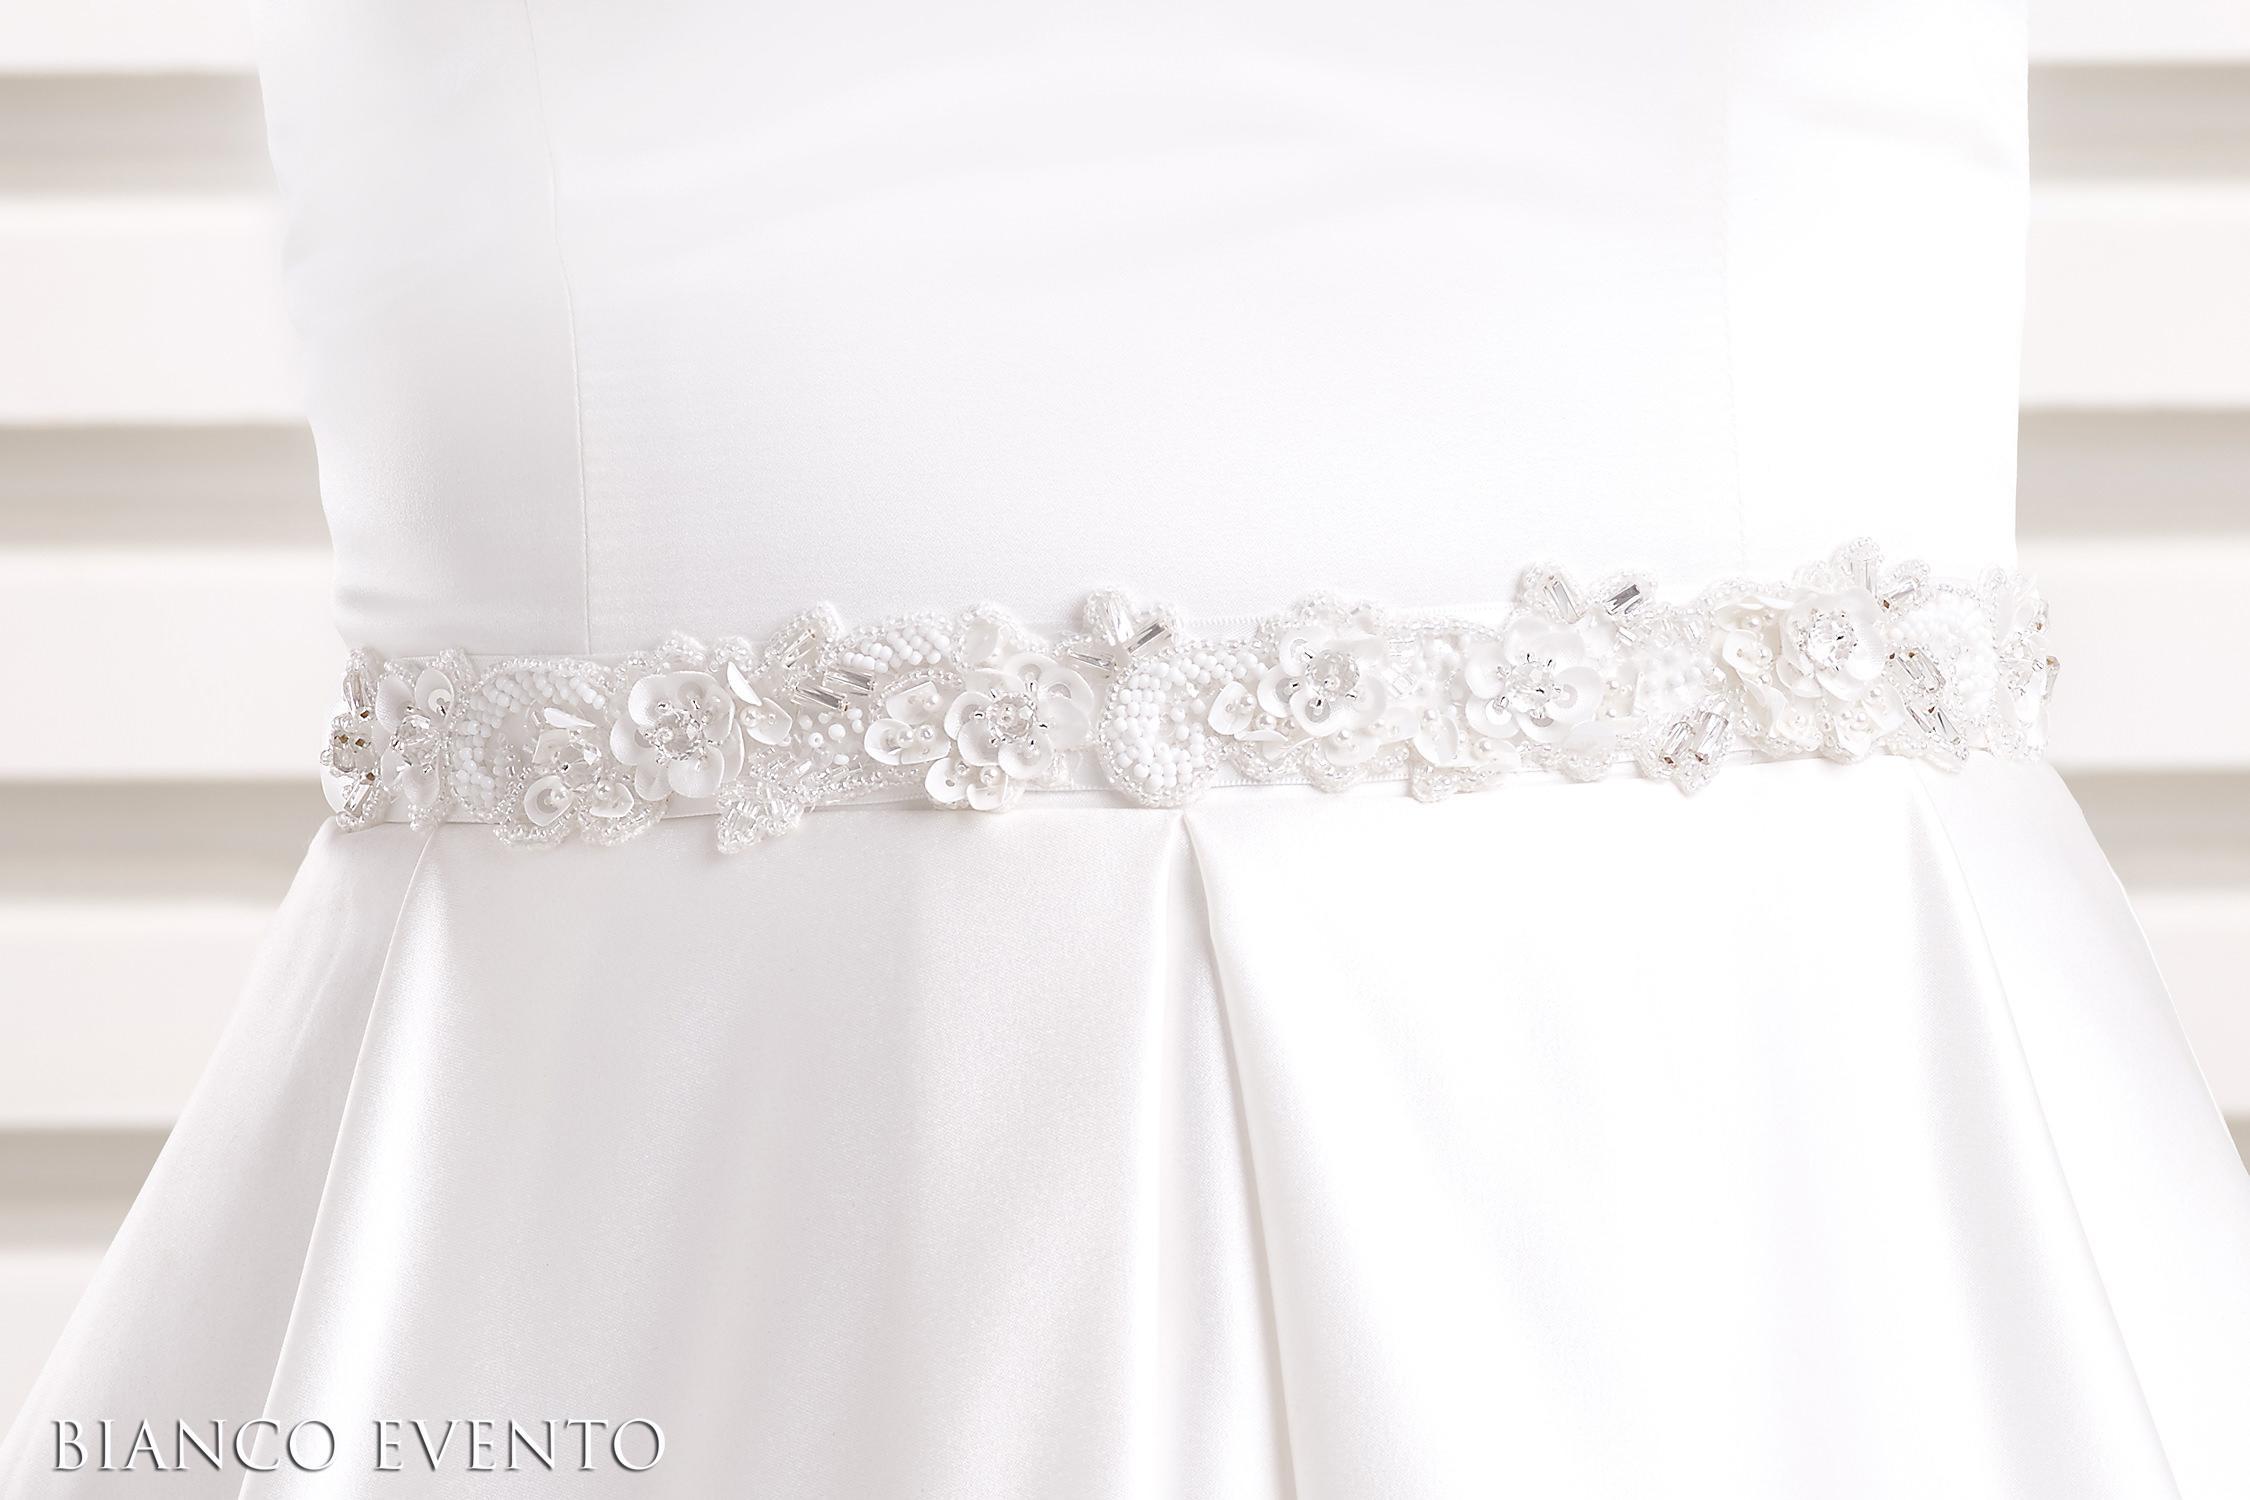 Bianco Evento - Öv PA5, Ivory